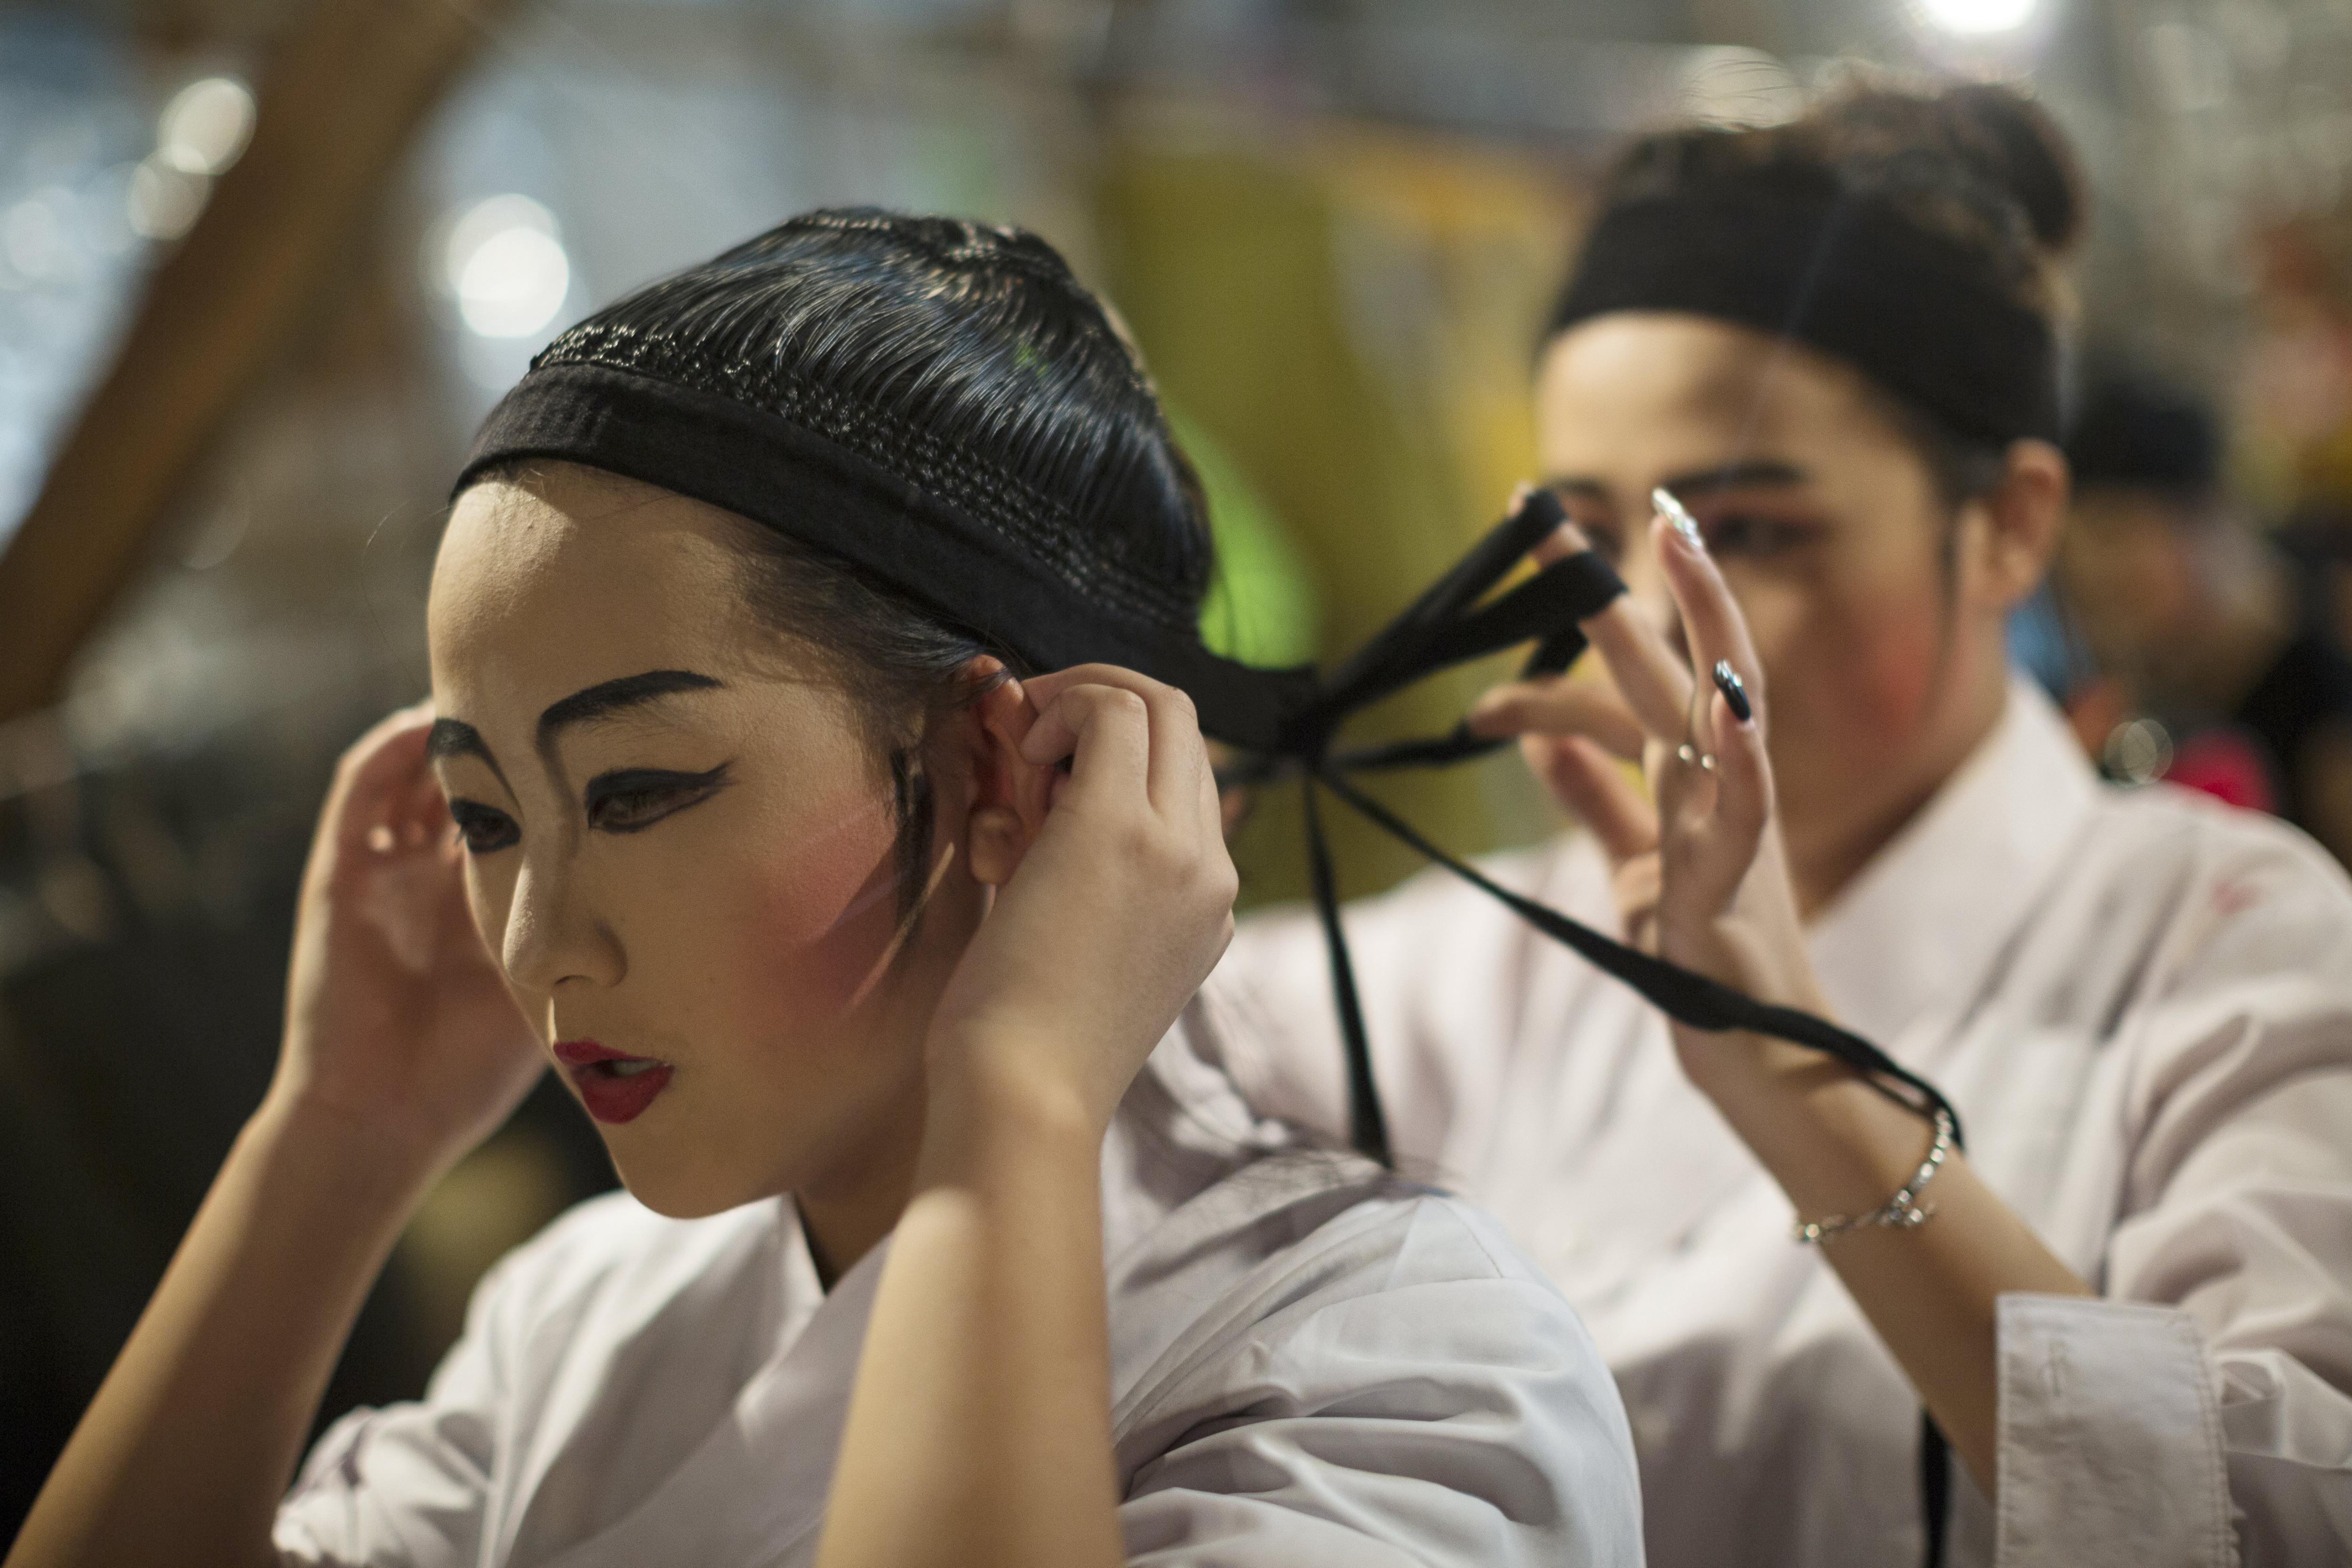 Una actriu de l'òpera de Chiu Chow es prepara per a una actuació a Hong Kong (Xina). /JEROME FAVRE